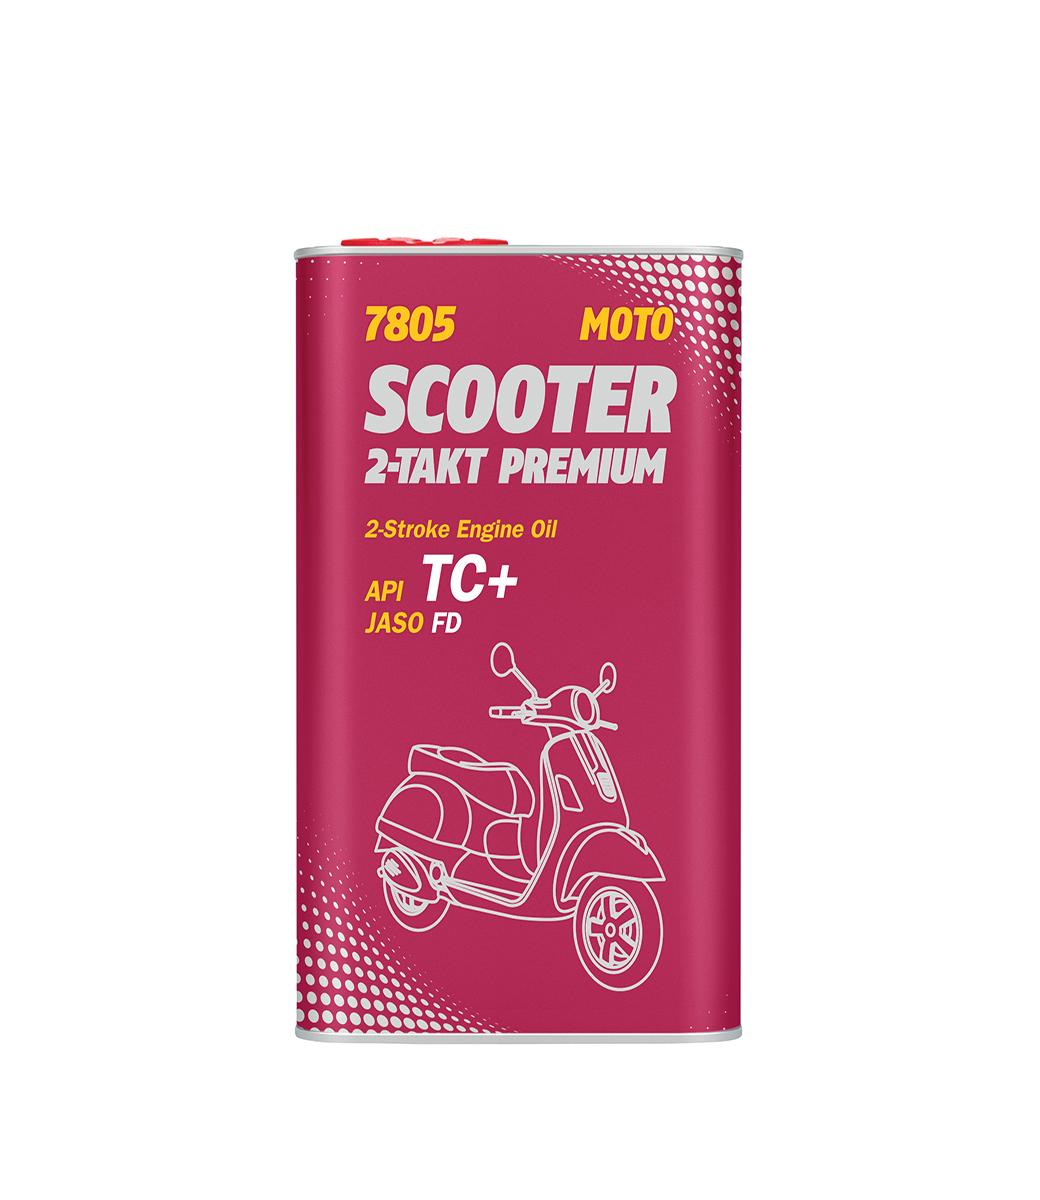 Scooter 2-Takt Premium